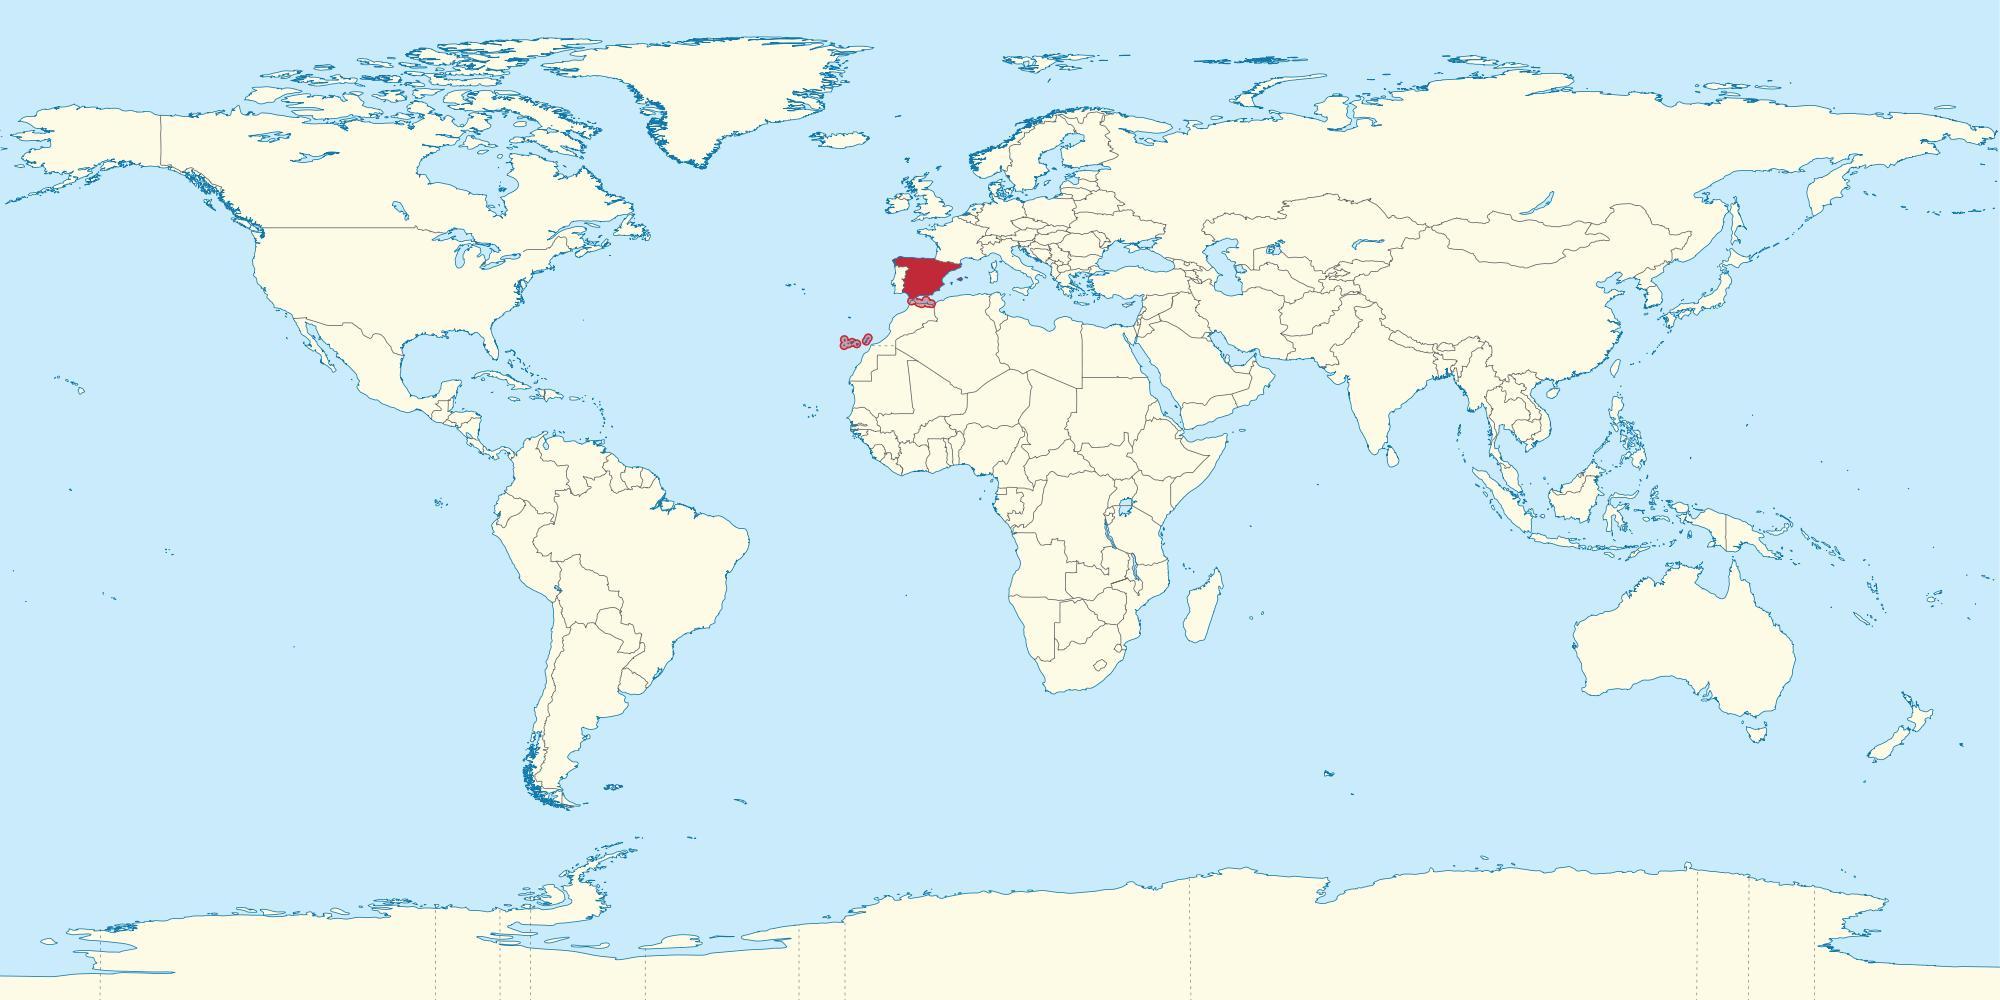 Espanja Maa Maailman Kartta Maailman Kartta Espanja Korostettu